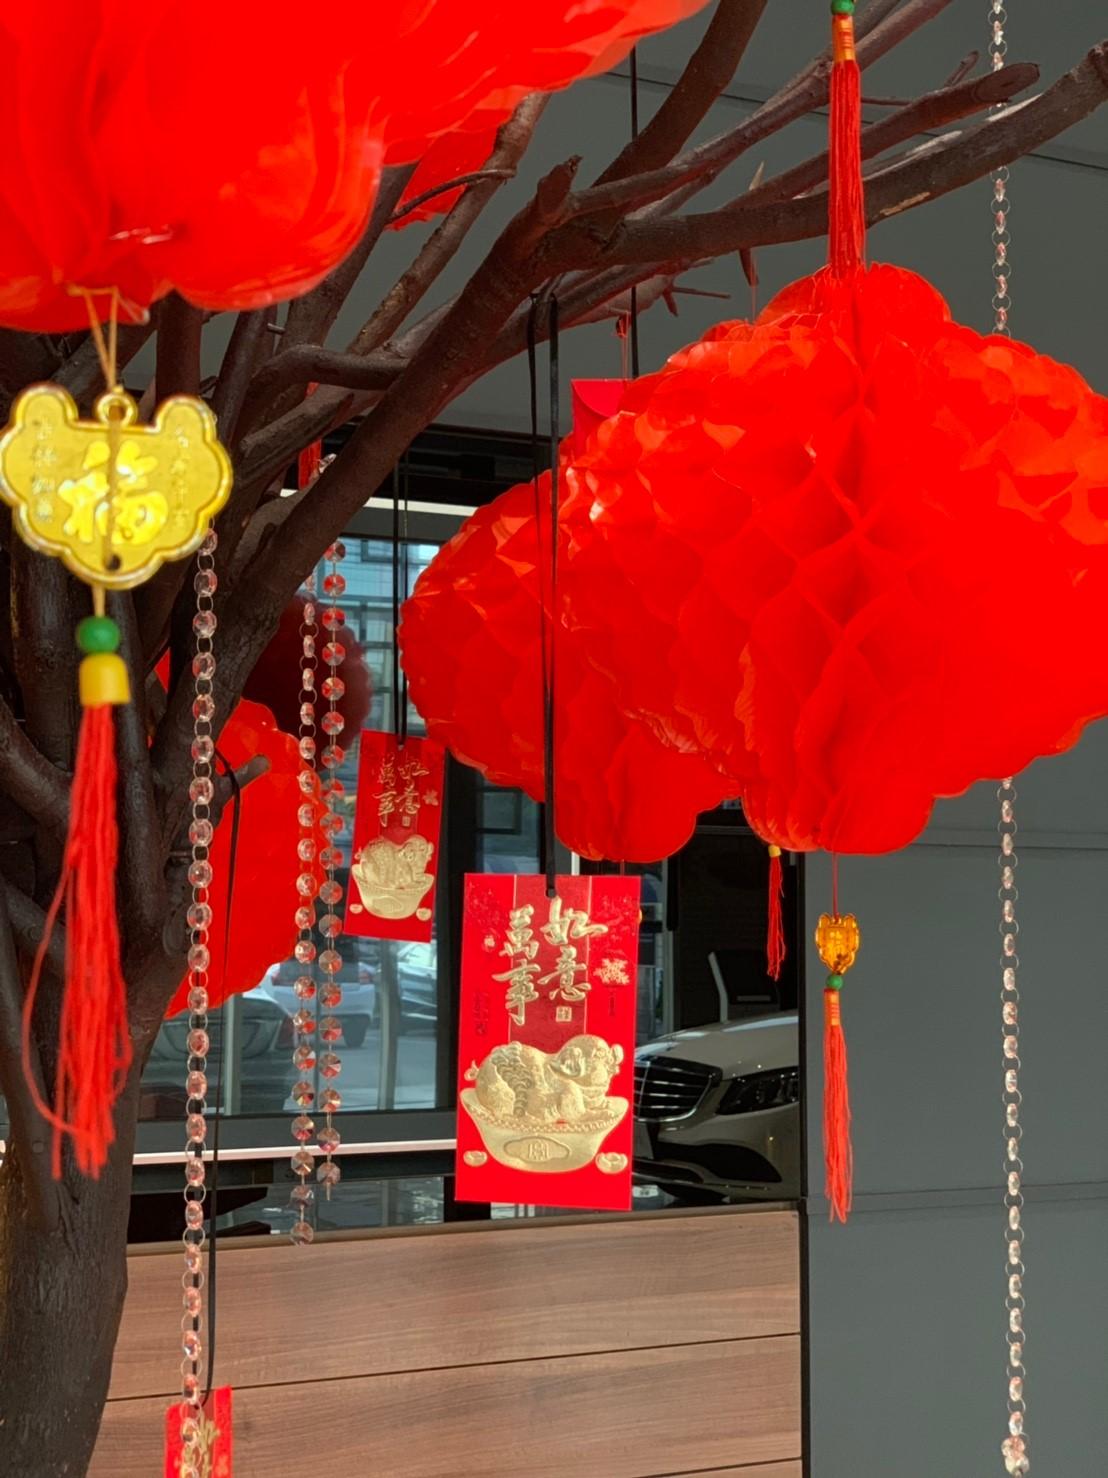 ไอเดียการจัดงานตรุษจีน ตกแต่งงานตรุษจีน รับจัดตกแต่งตามเทศกาล ตกแต่งโชว์รูม จัดตกแต่งร้าน ตกแต่งบริษัท ตกแต่งออฟฟิส ตกแต่งด้วยธีมงานสีแดง ต้อนรับตรุษจีน